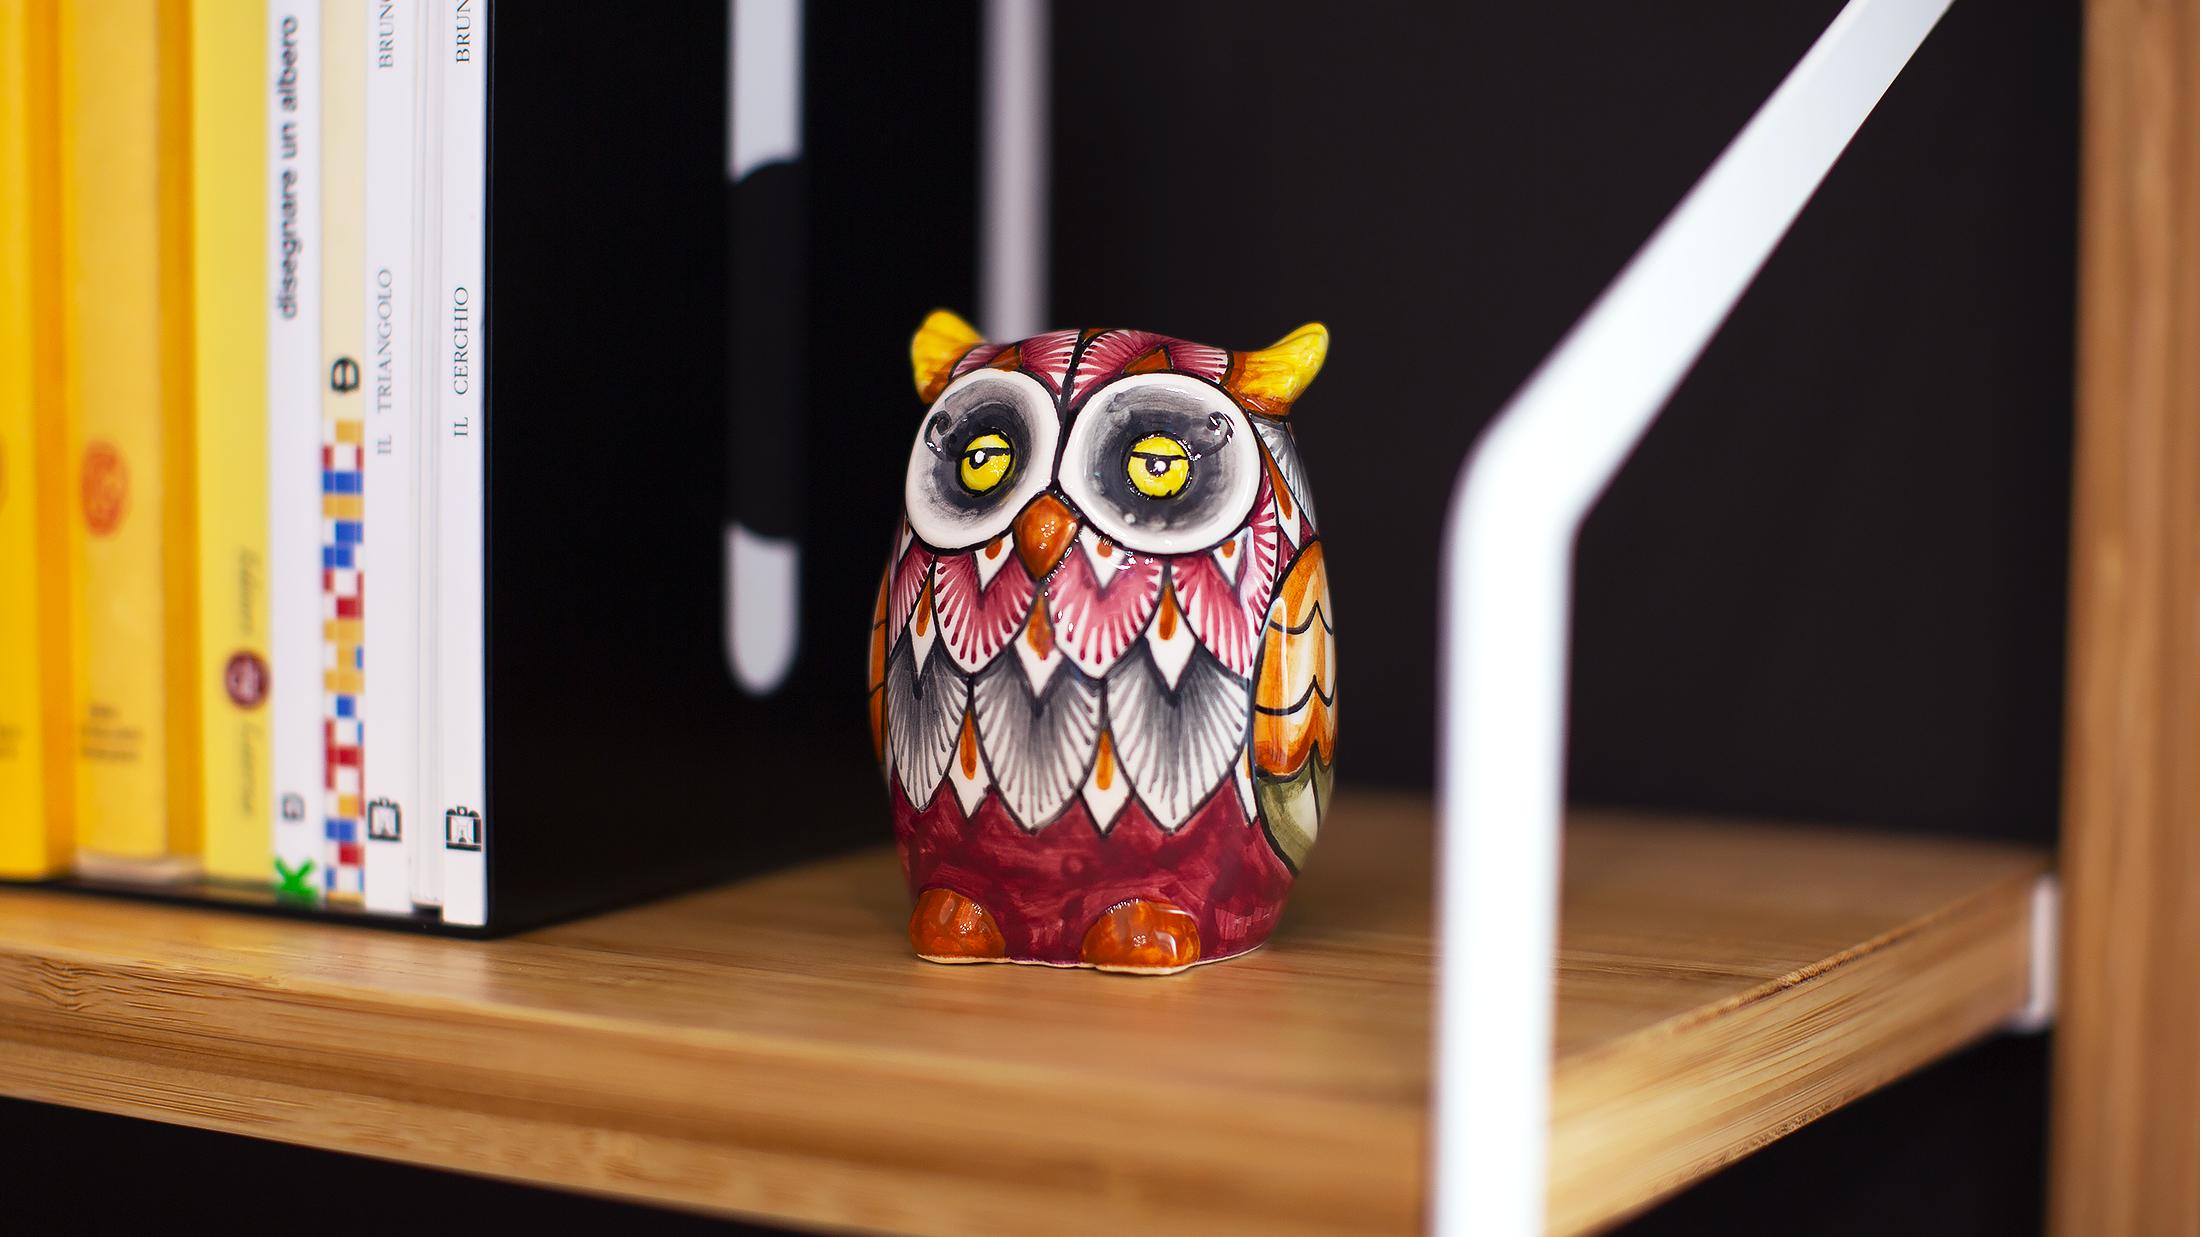 I Handmade A Ceramic Owl